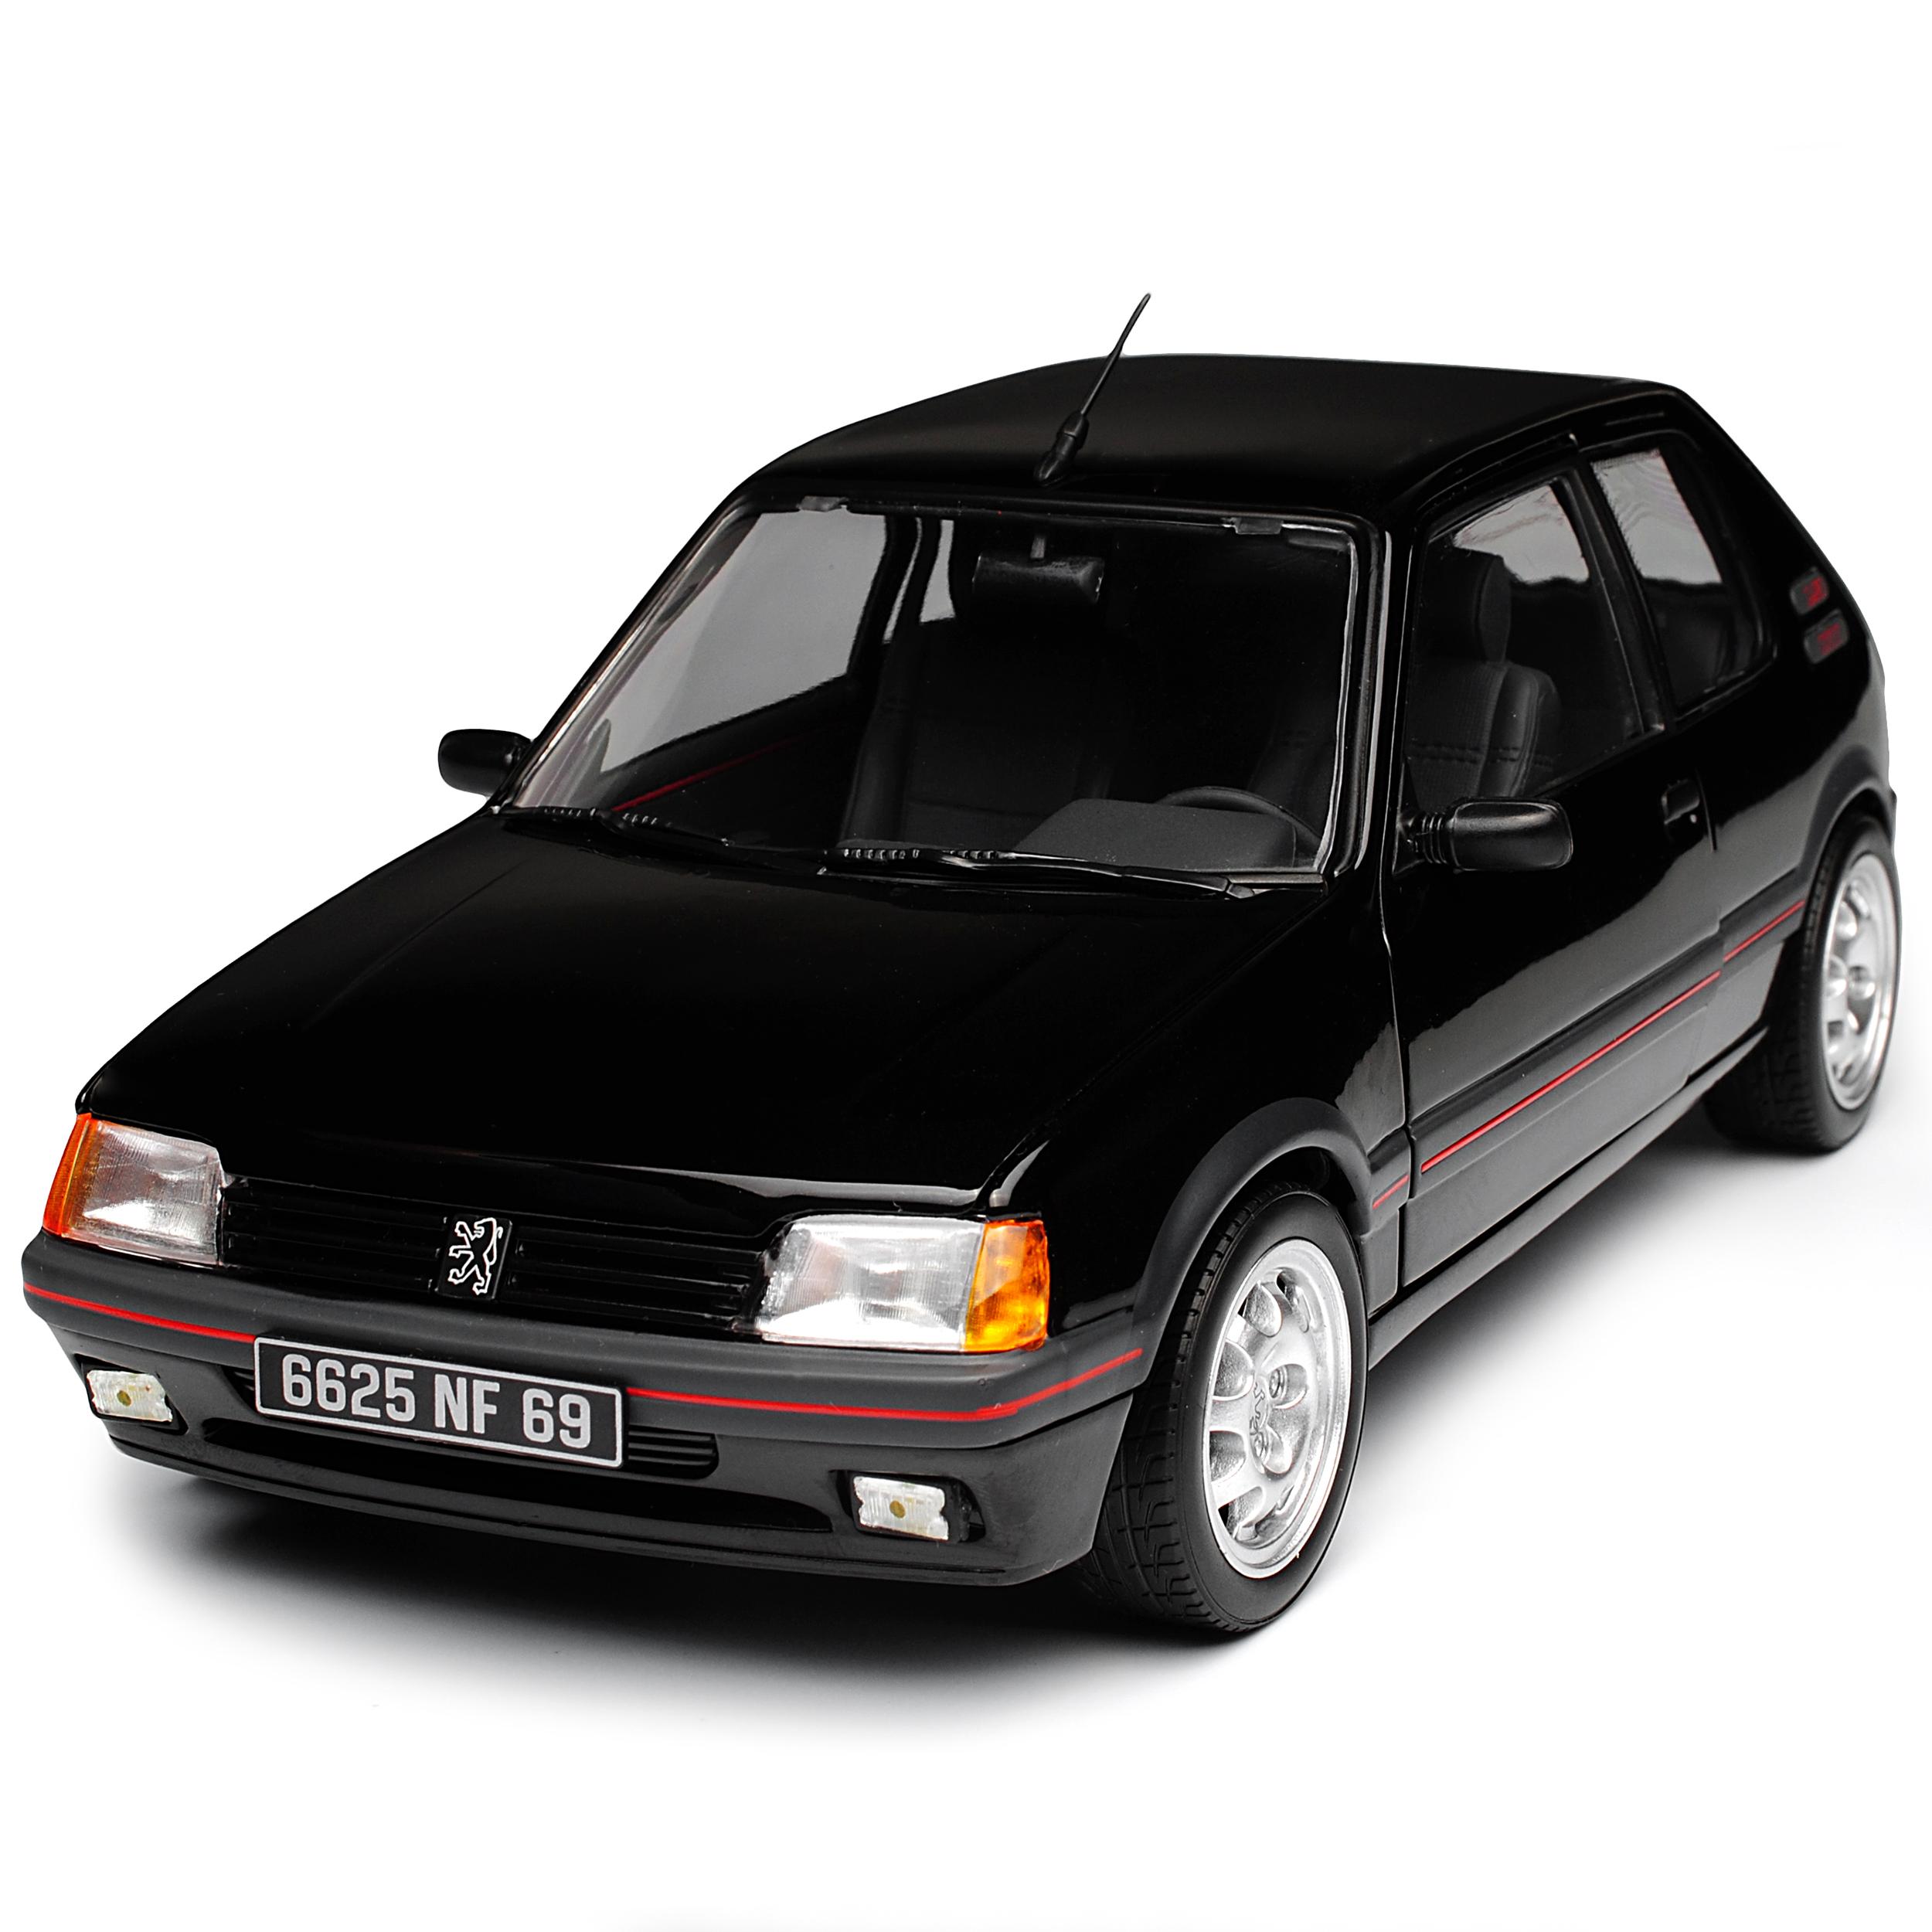 Peugeot-205-GTI-1-9-negro-1983-1998-1-18-Norev-modelos-coches-con-o-sin-ind miniatura 8